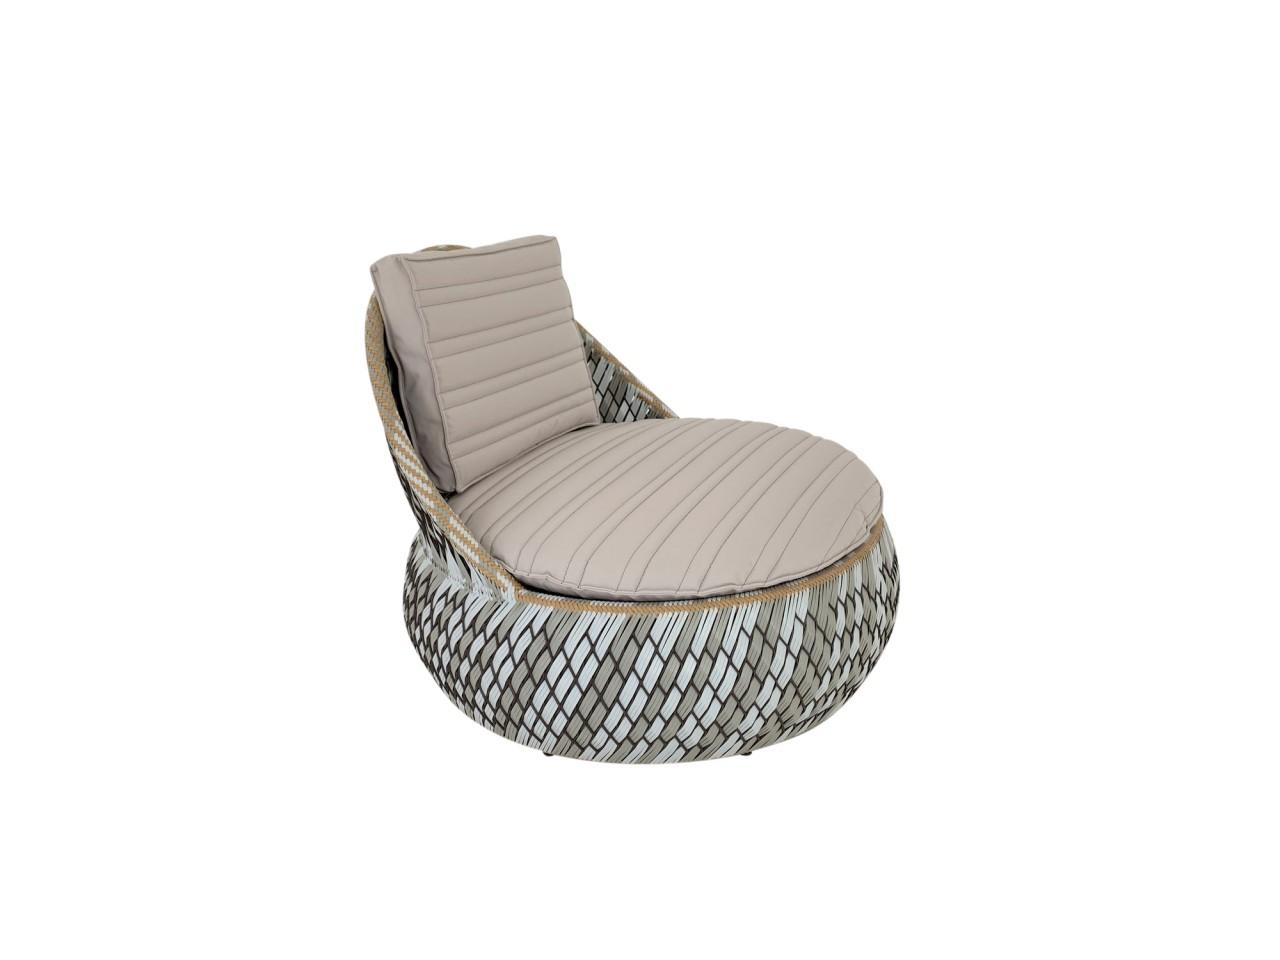 DEDON DALA LOUNGE CHAIR in der Farbe stone mit passenden Sitz- und Rückenkissen in noisette